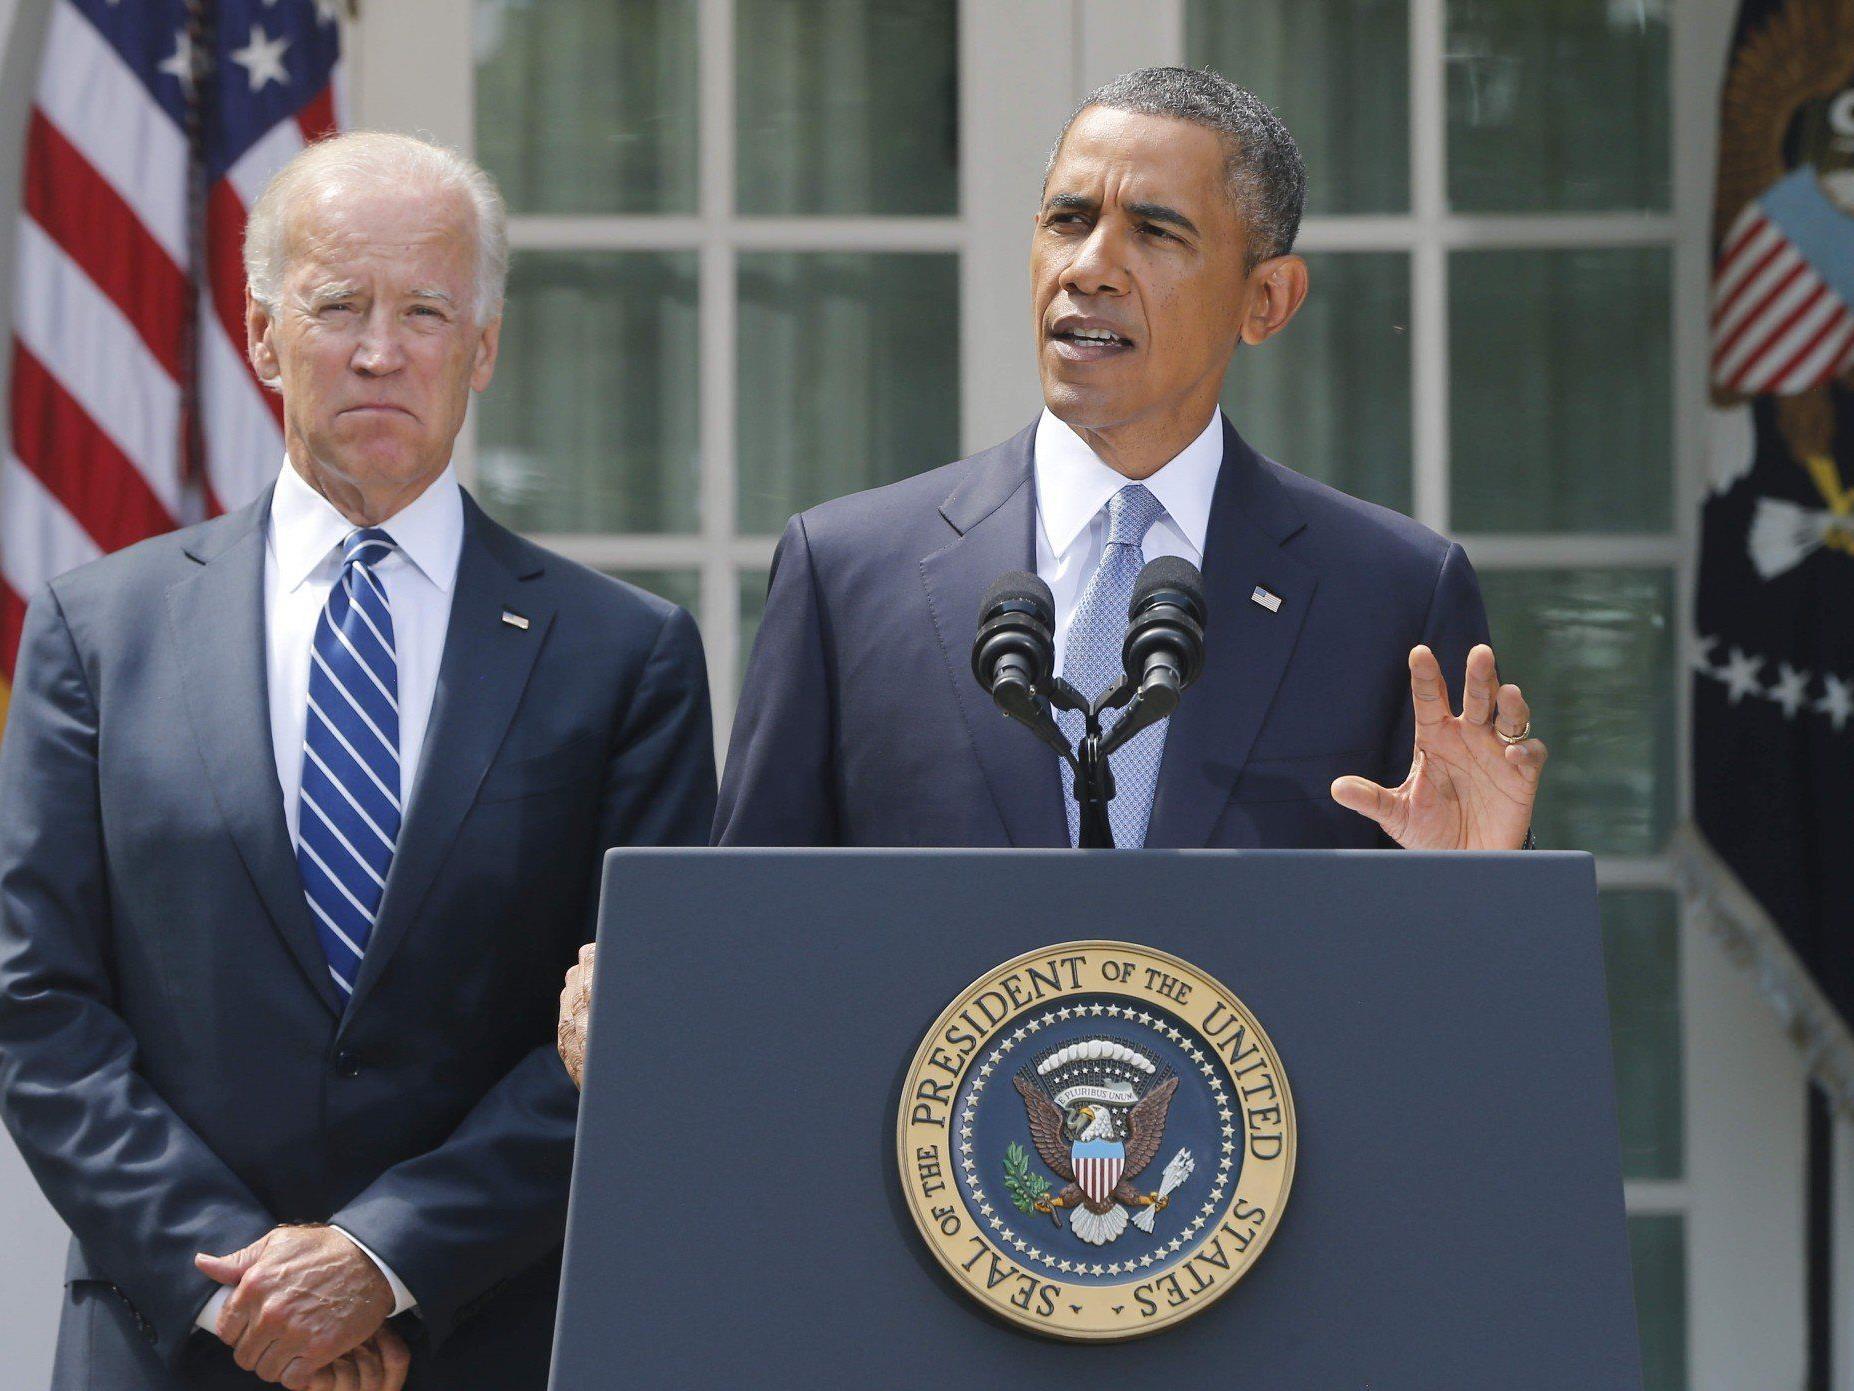 Obama macht Militärschlag von Syrien von Kongressvotum abhängig